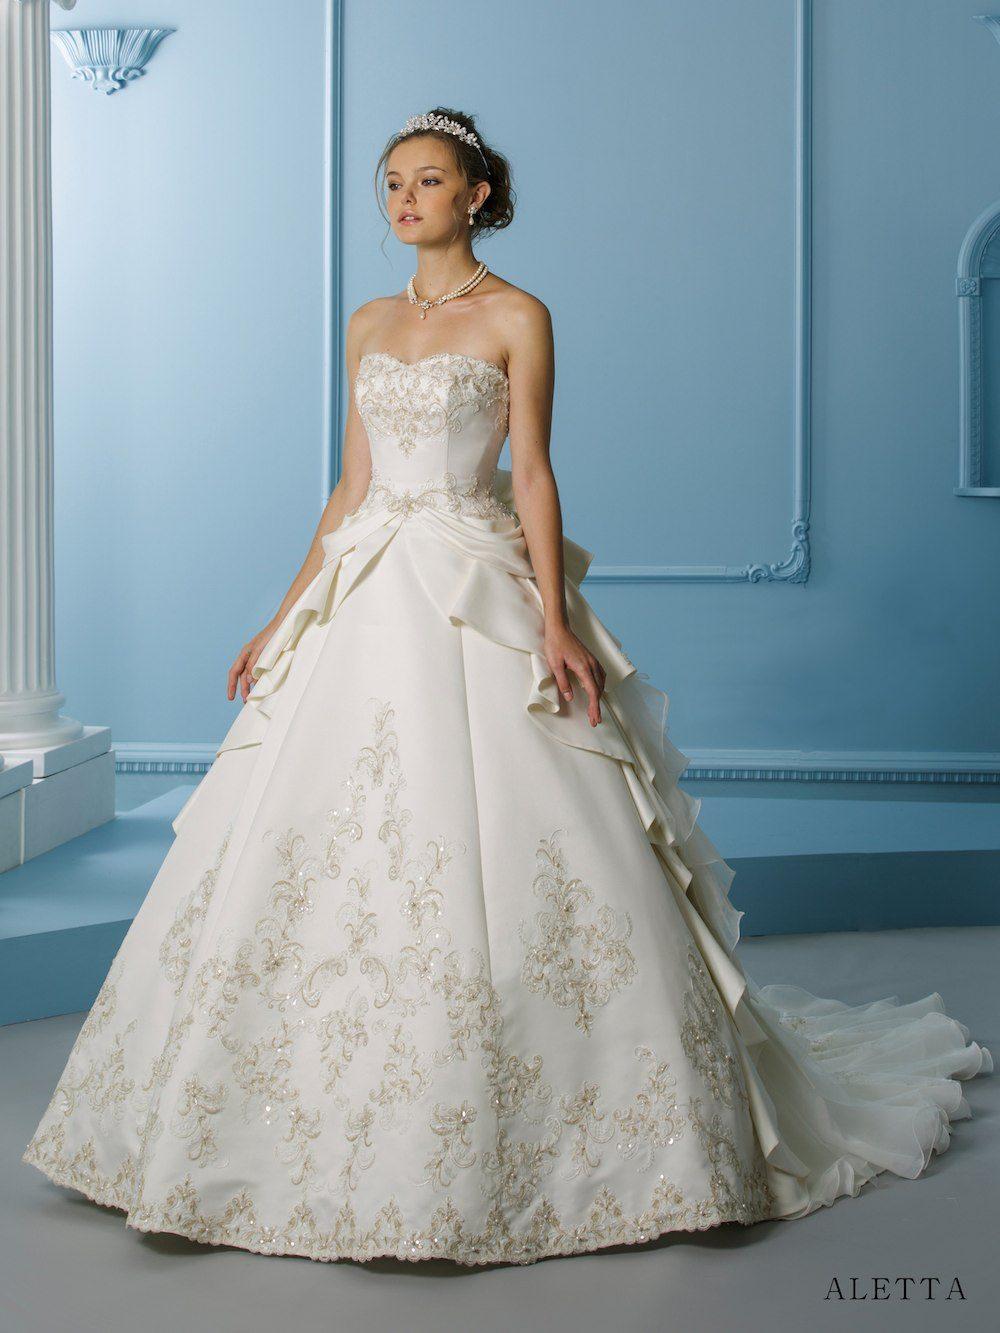 ブライダルヘア ティアラ アレンジ プリンセス ウェディングドレス